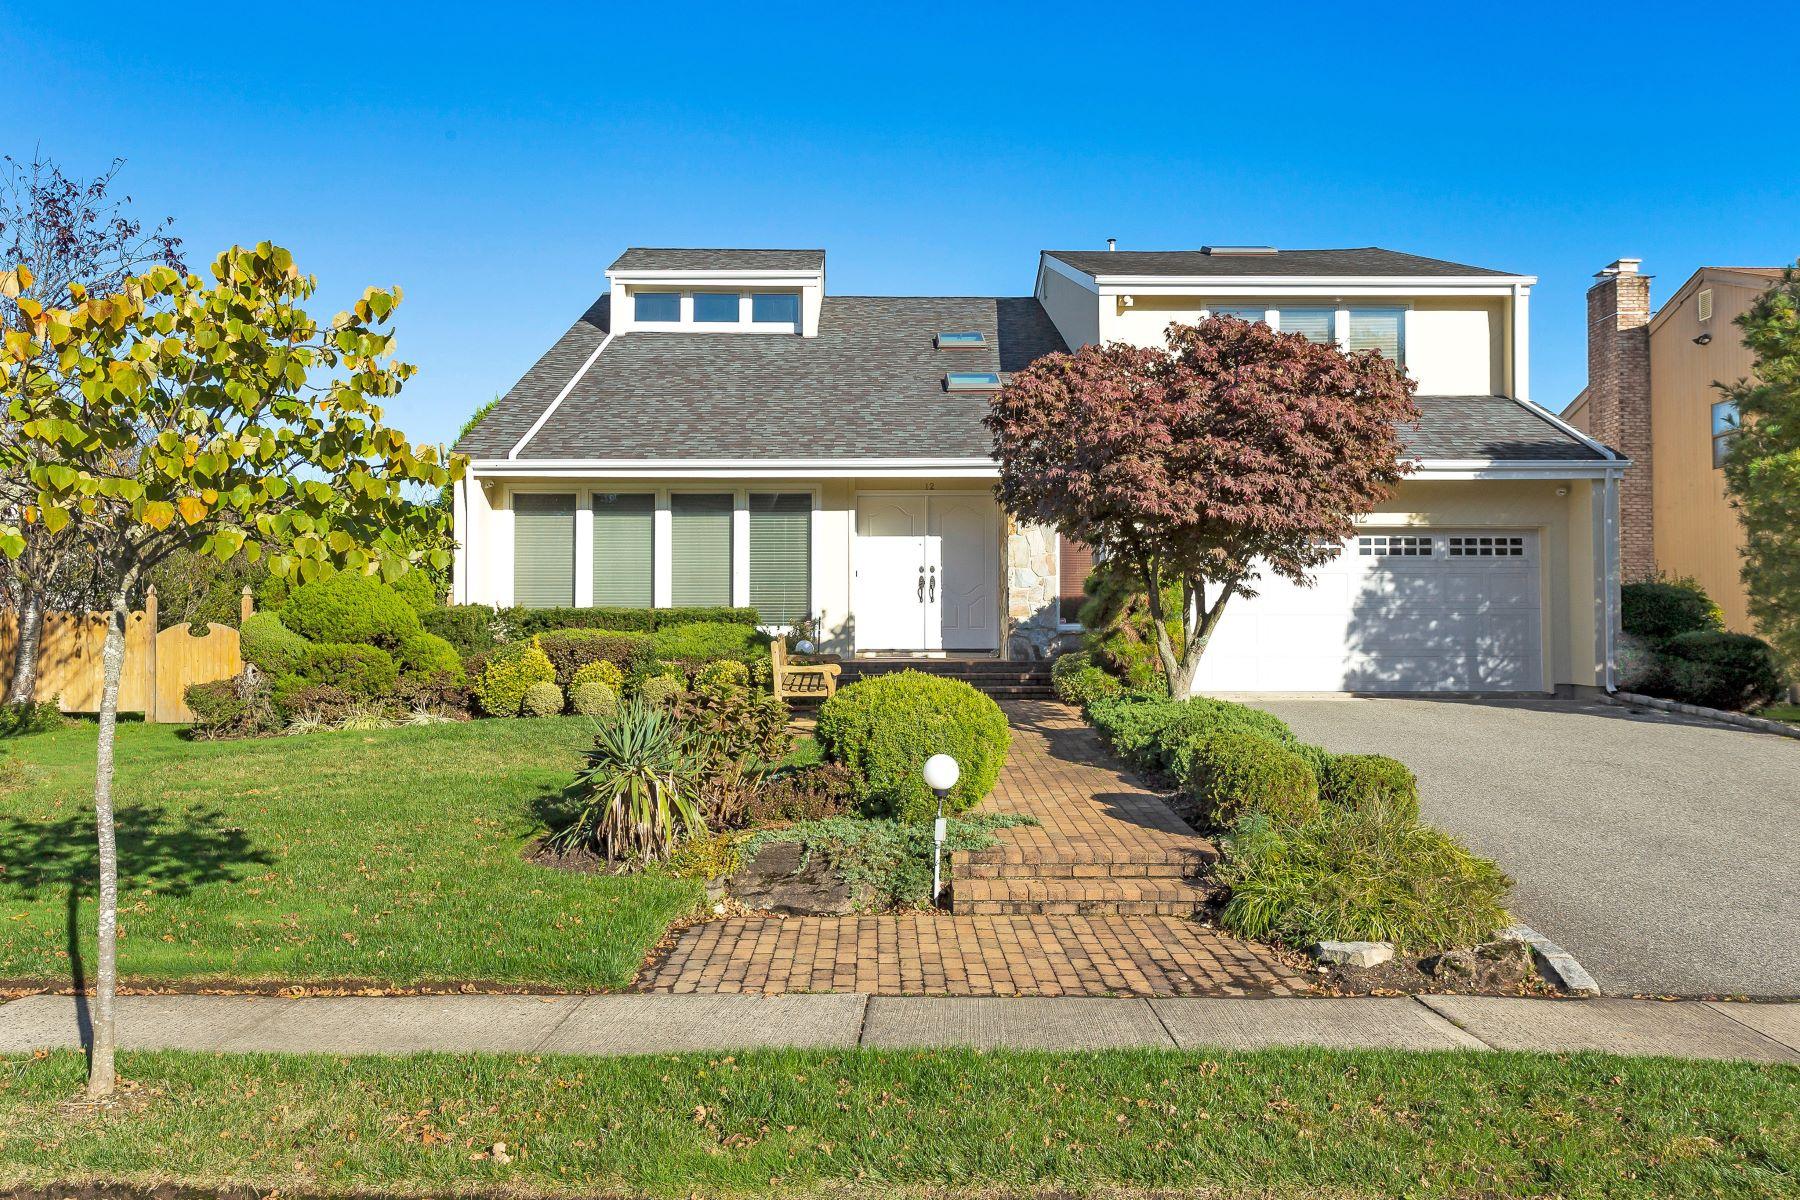 Single Family Homes für Verkauf beim Albertson 12 Cresthollow Ln, Albertson, New York 11507 Vereinigte Staaten